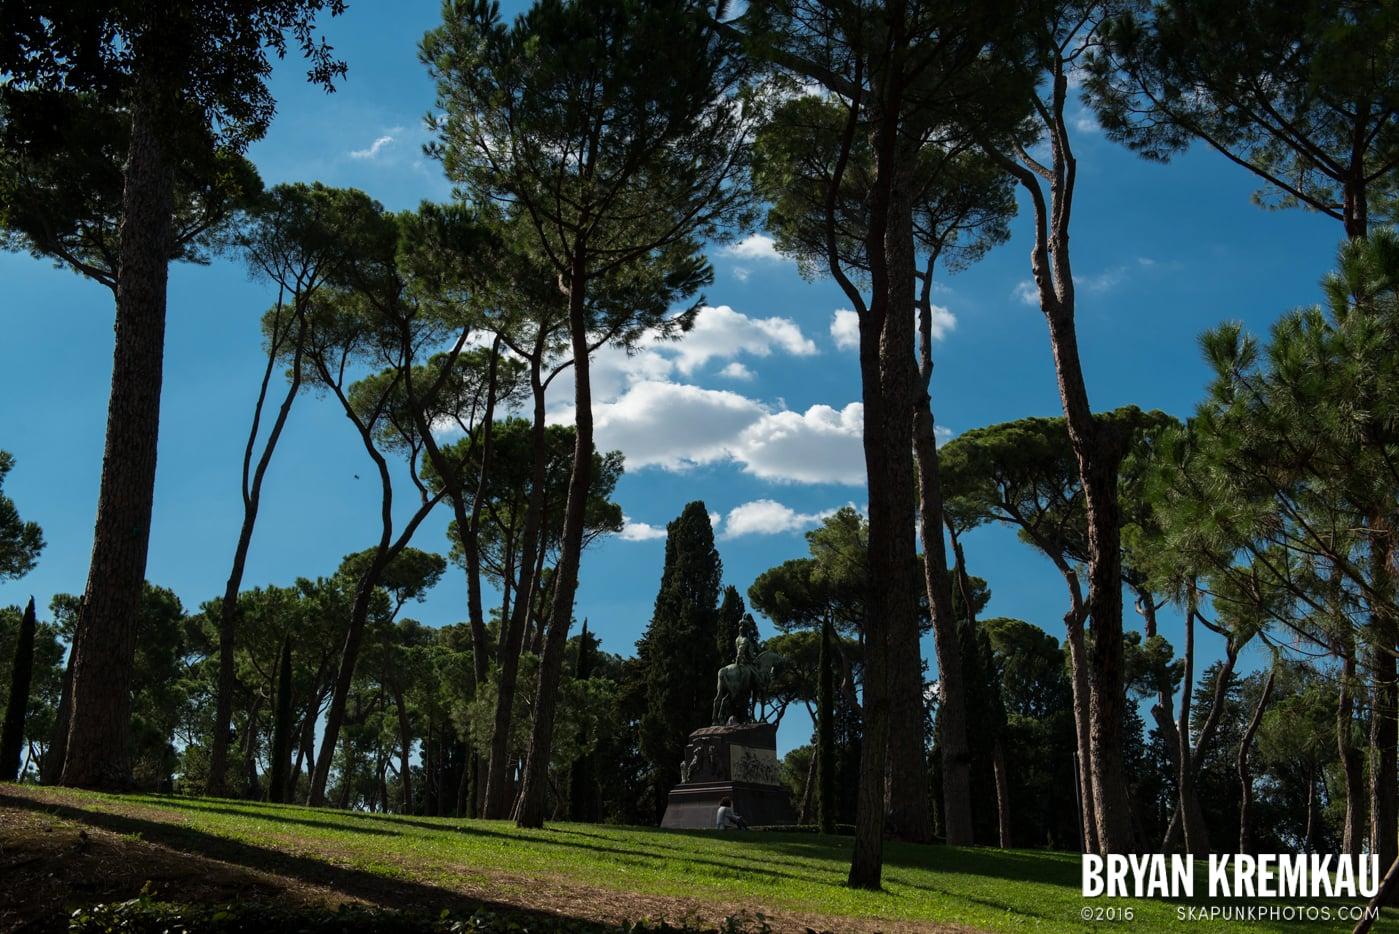 Italy Vacation - Day 12: Rome - 9.20.13 (8)